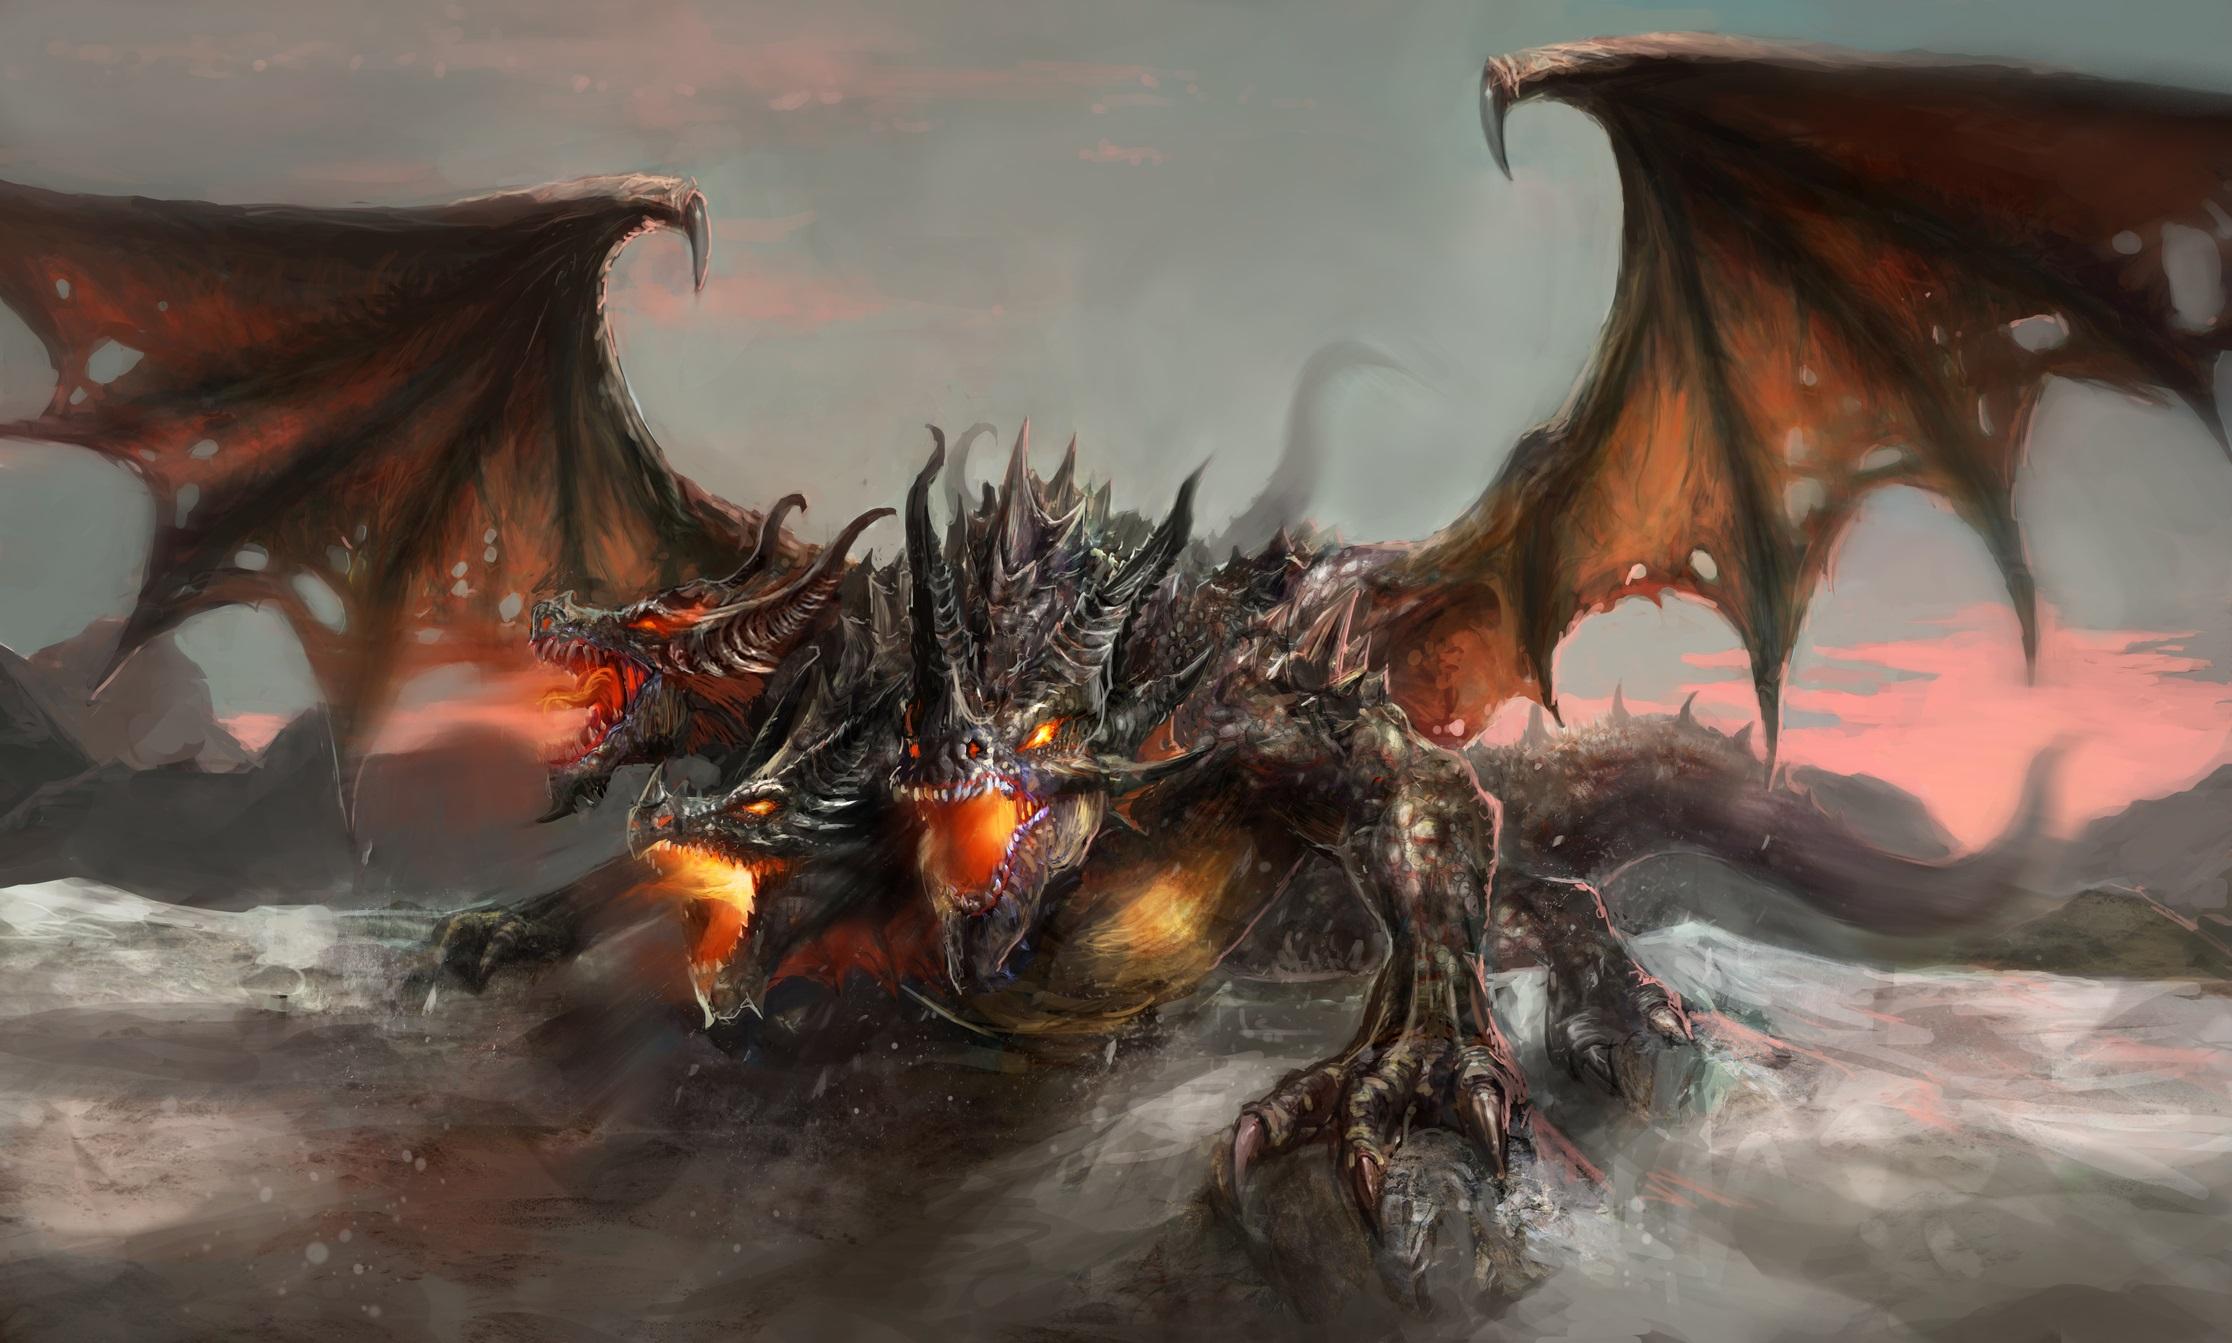 <p>&bdquo;Силен дракон ще завладее човечеството. Трите гиганта ще се обединят. Някои хора ще имат червени пари. Виждам числата 100, 5 и много нули&ldquo;, казала Ванга. Тълкувателите предполагат, че &bdquo;драконът&ldquo; е Китай.</p>